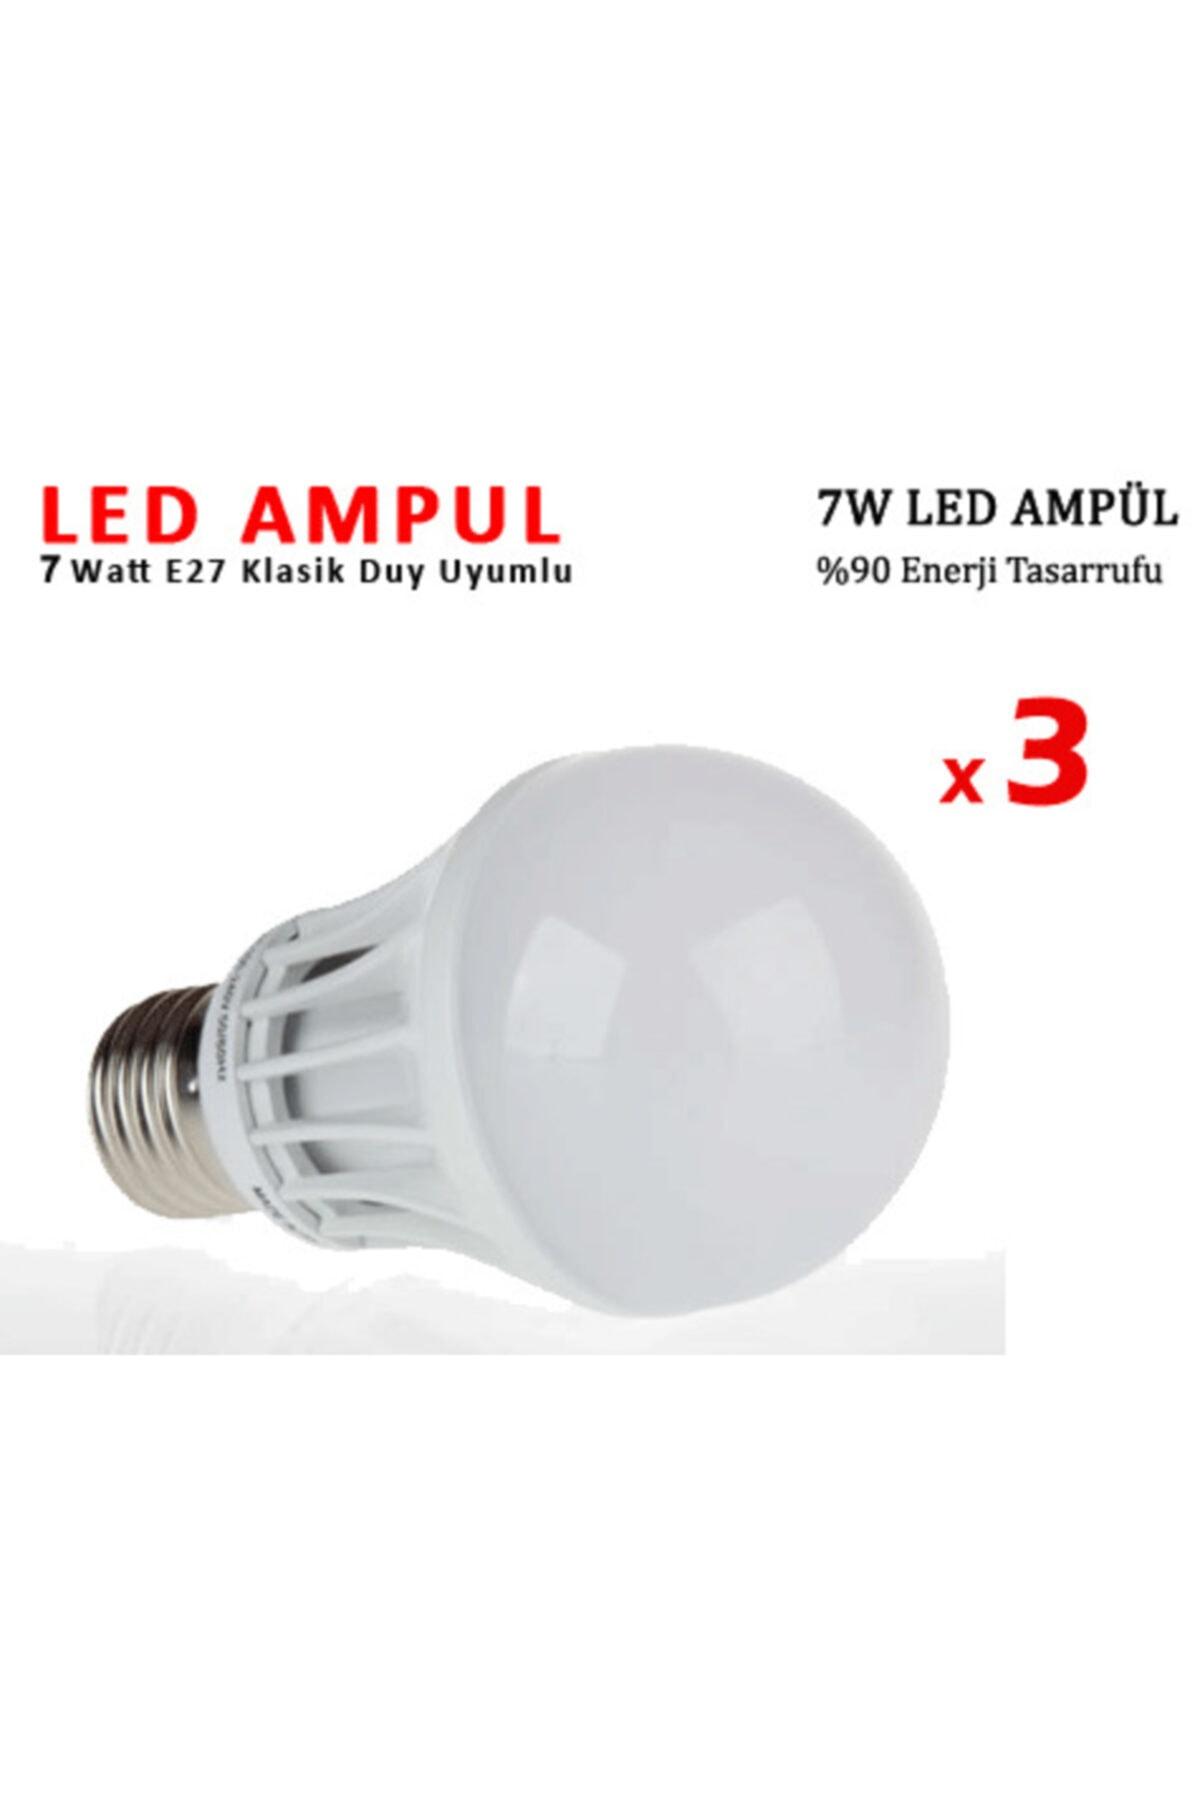 Bifirsat Led Ampul Lamba Işık Elektrik Enerji Tasarruflu 7watt 3adet  Fiyatı, Yorumları - TRENDYOL